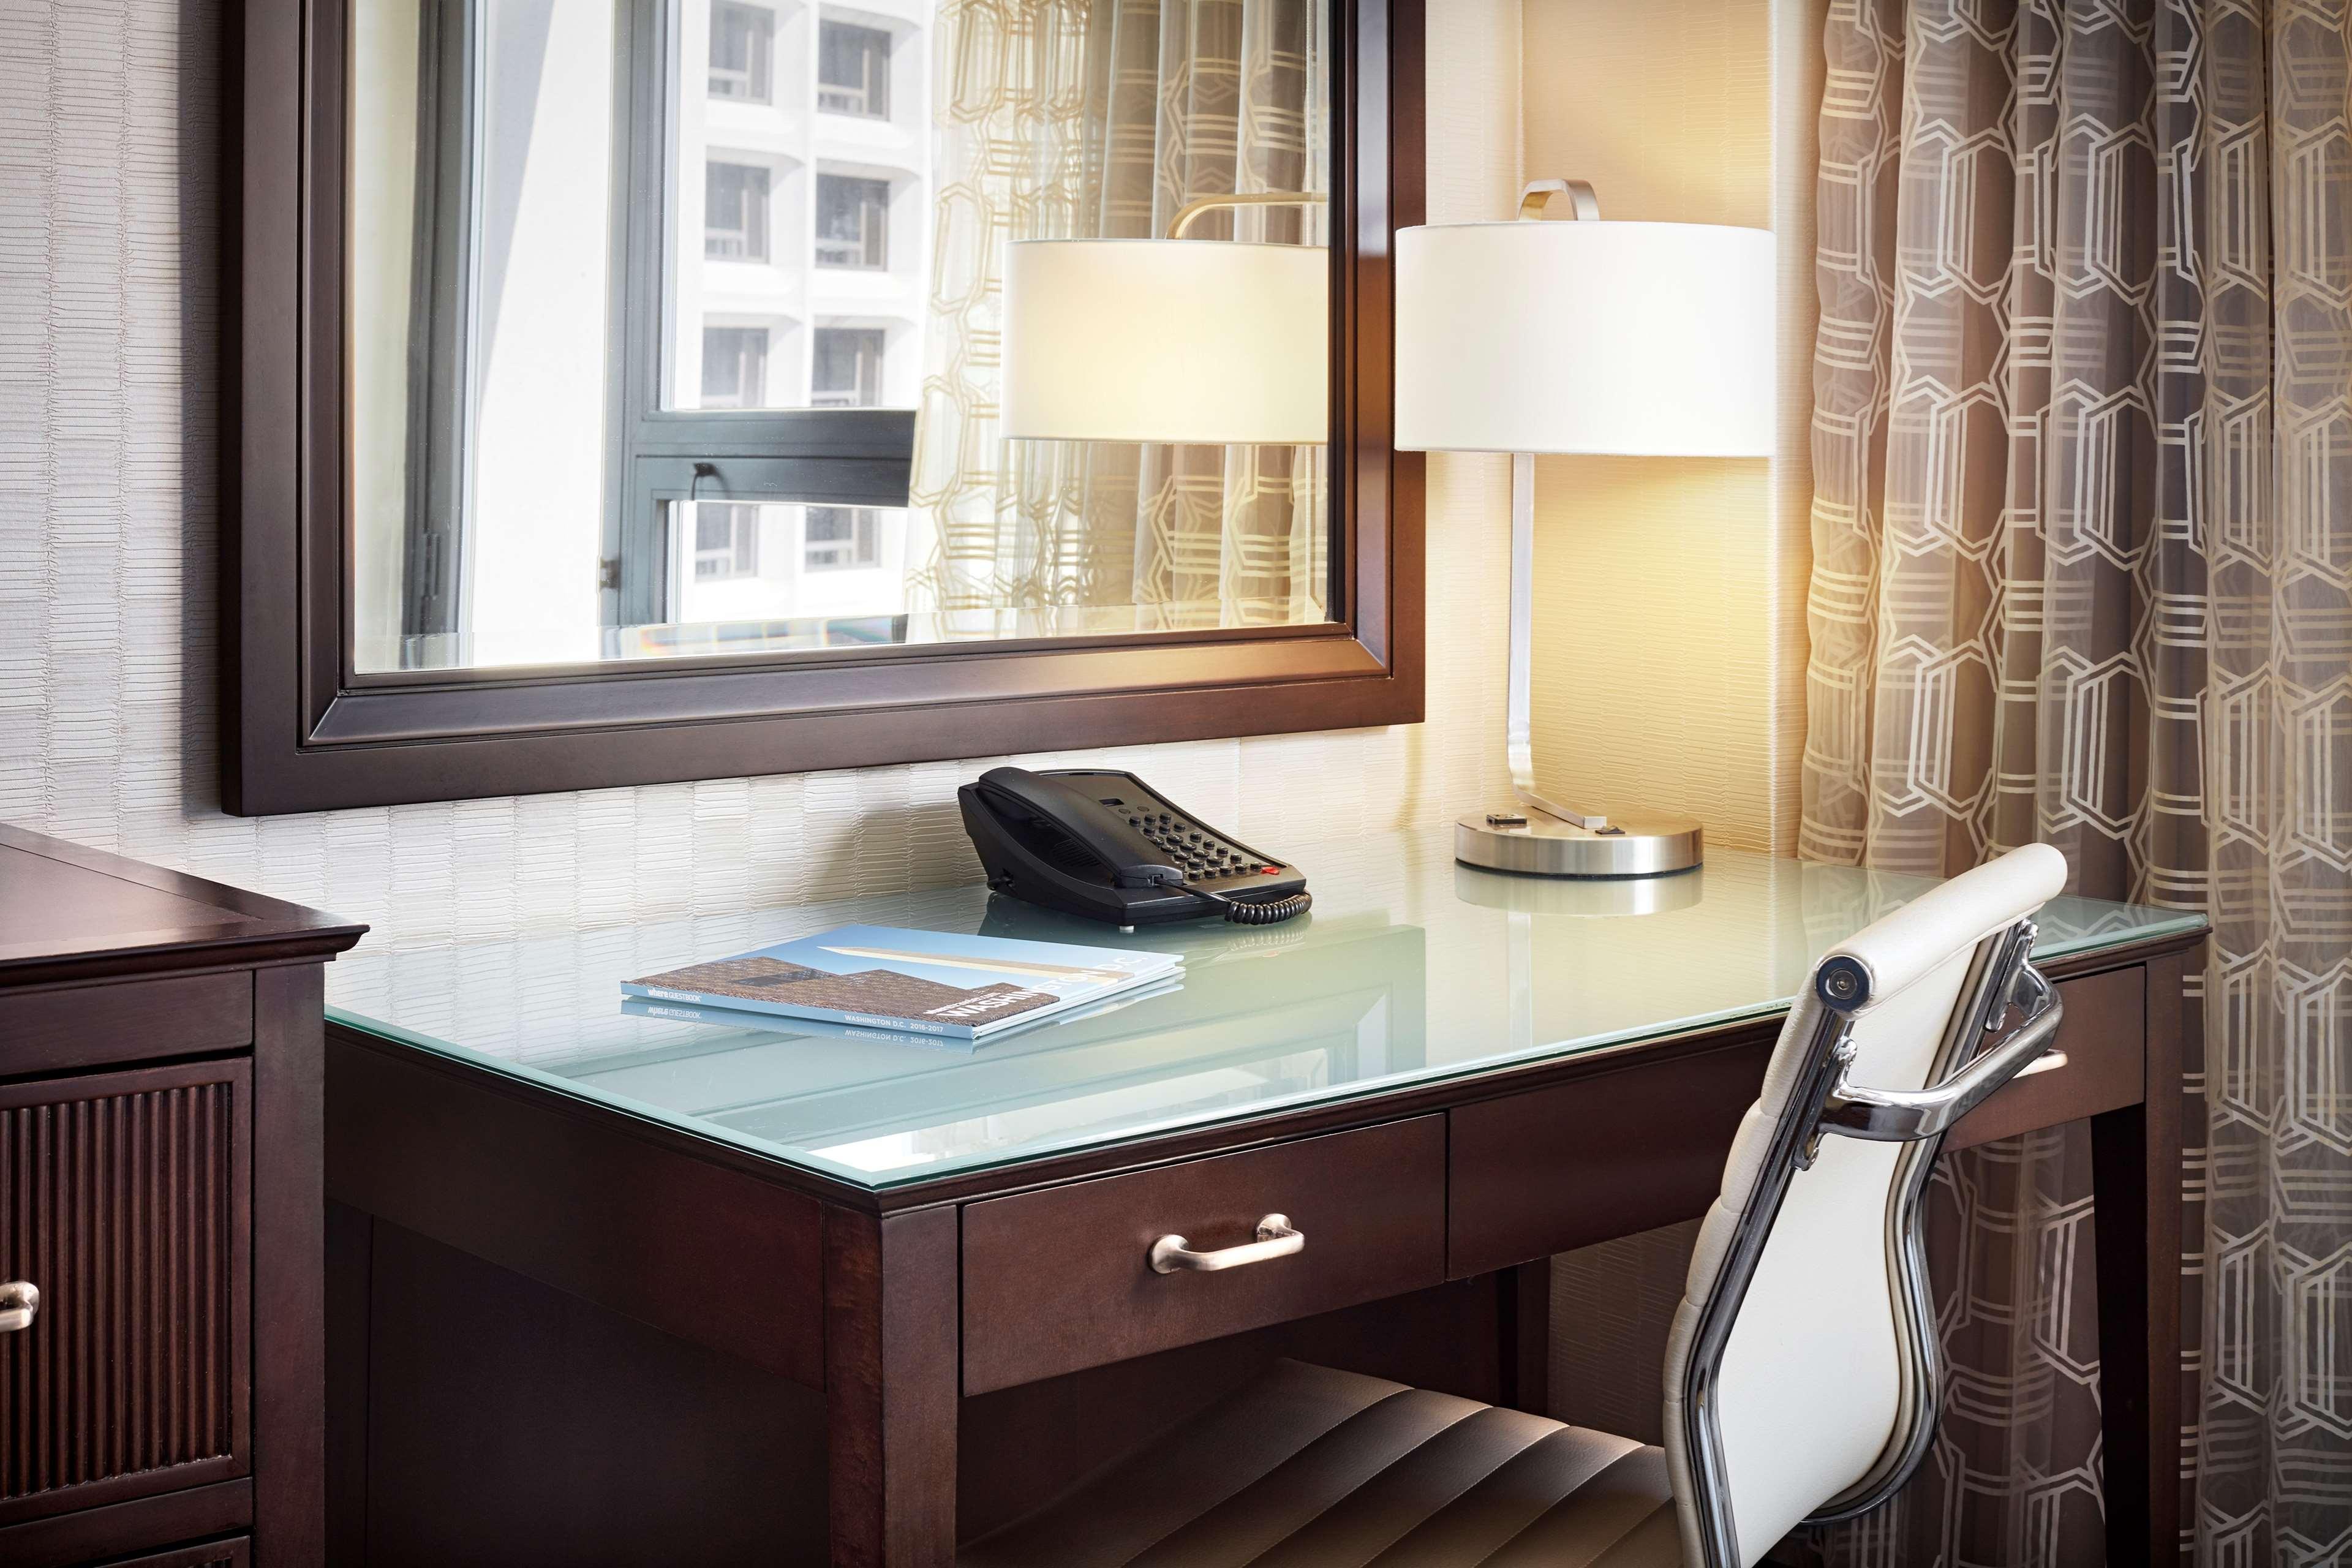 Washington Hilton image 16